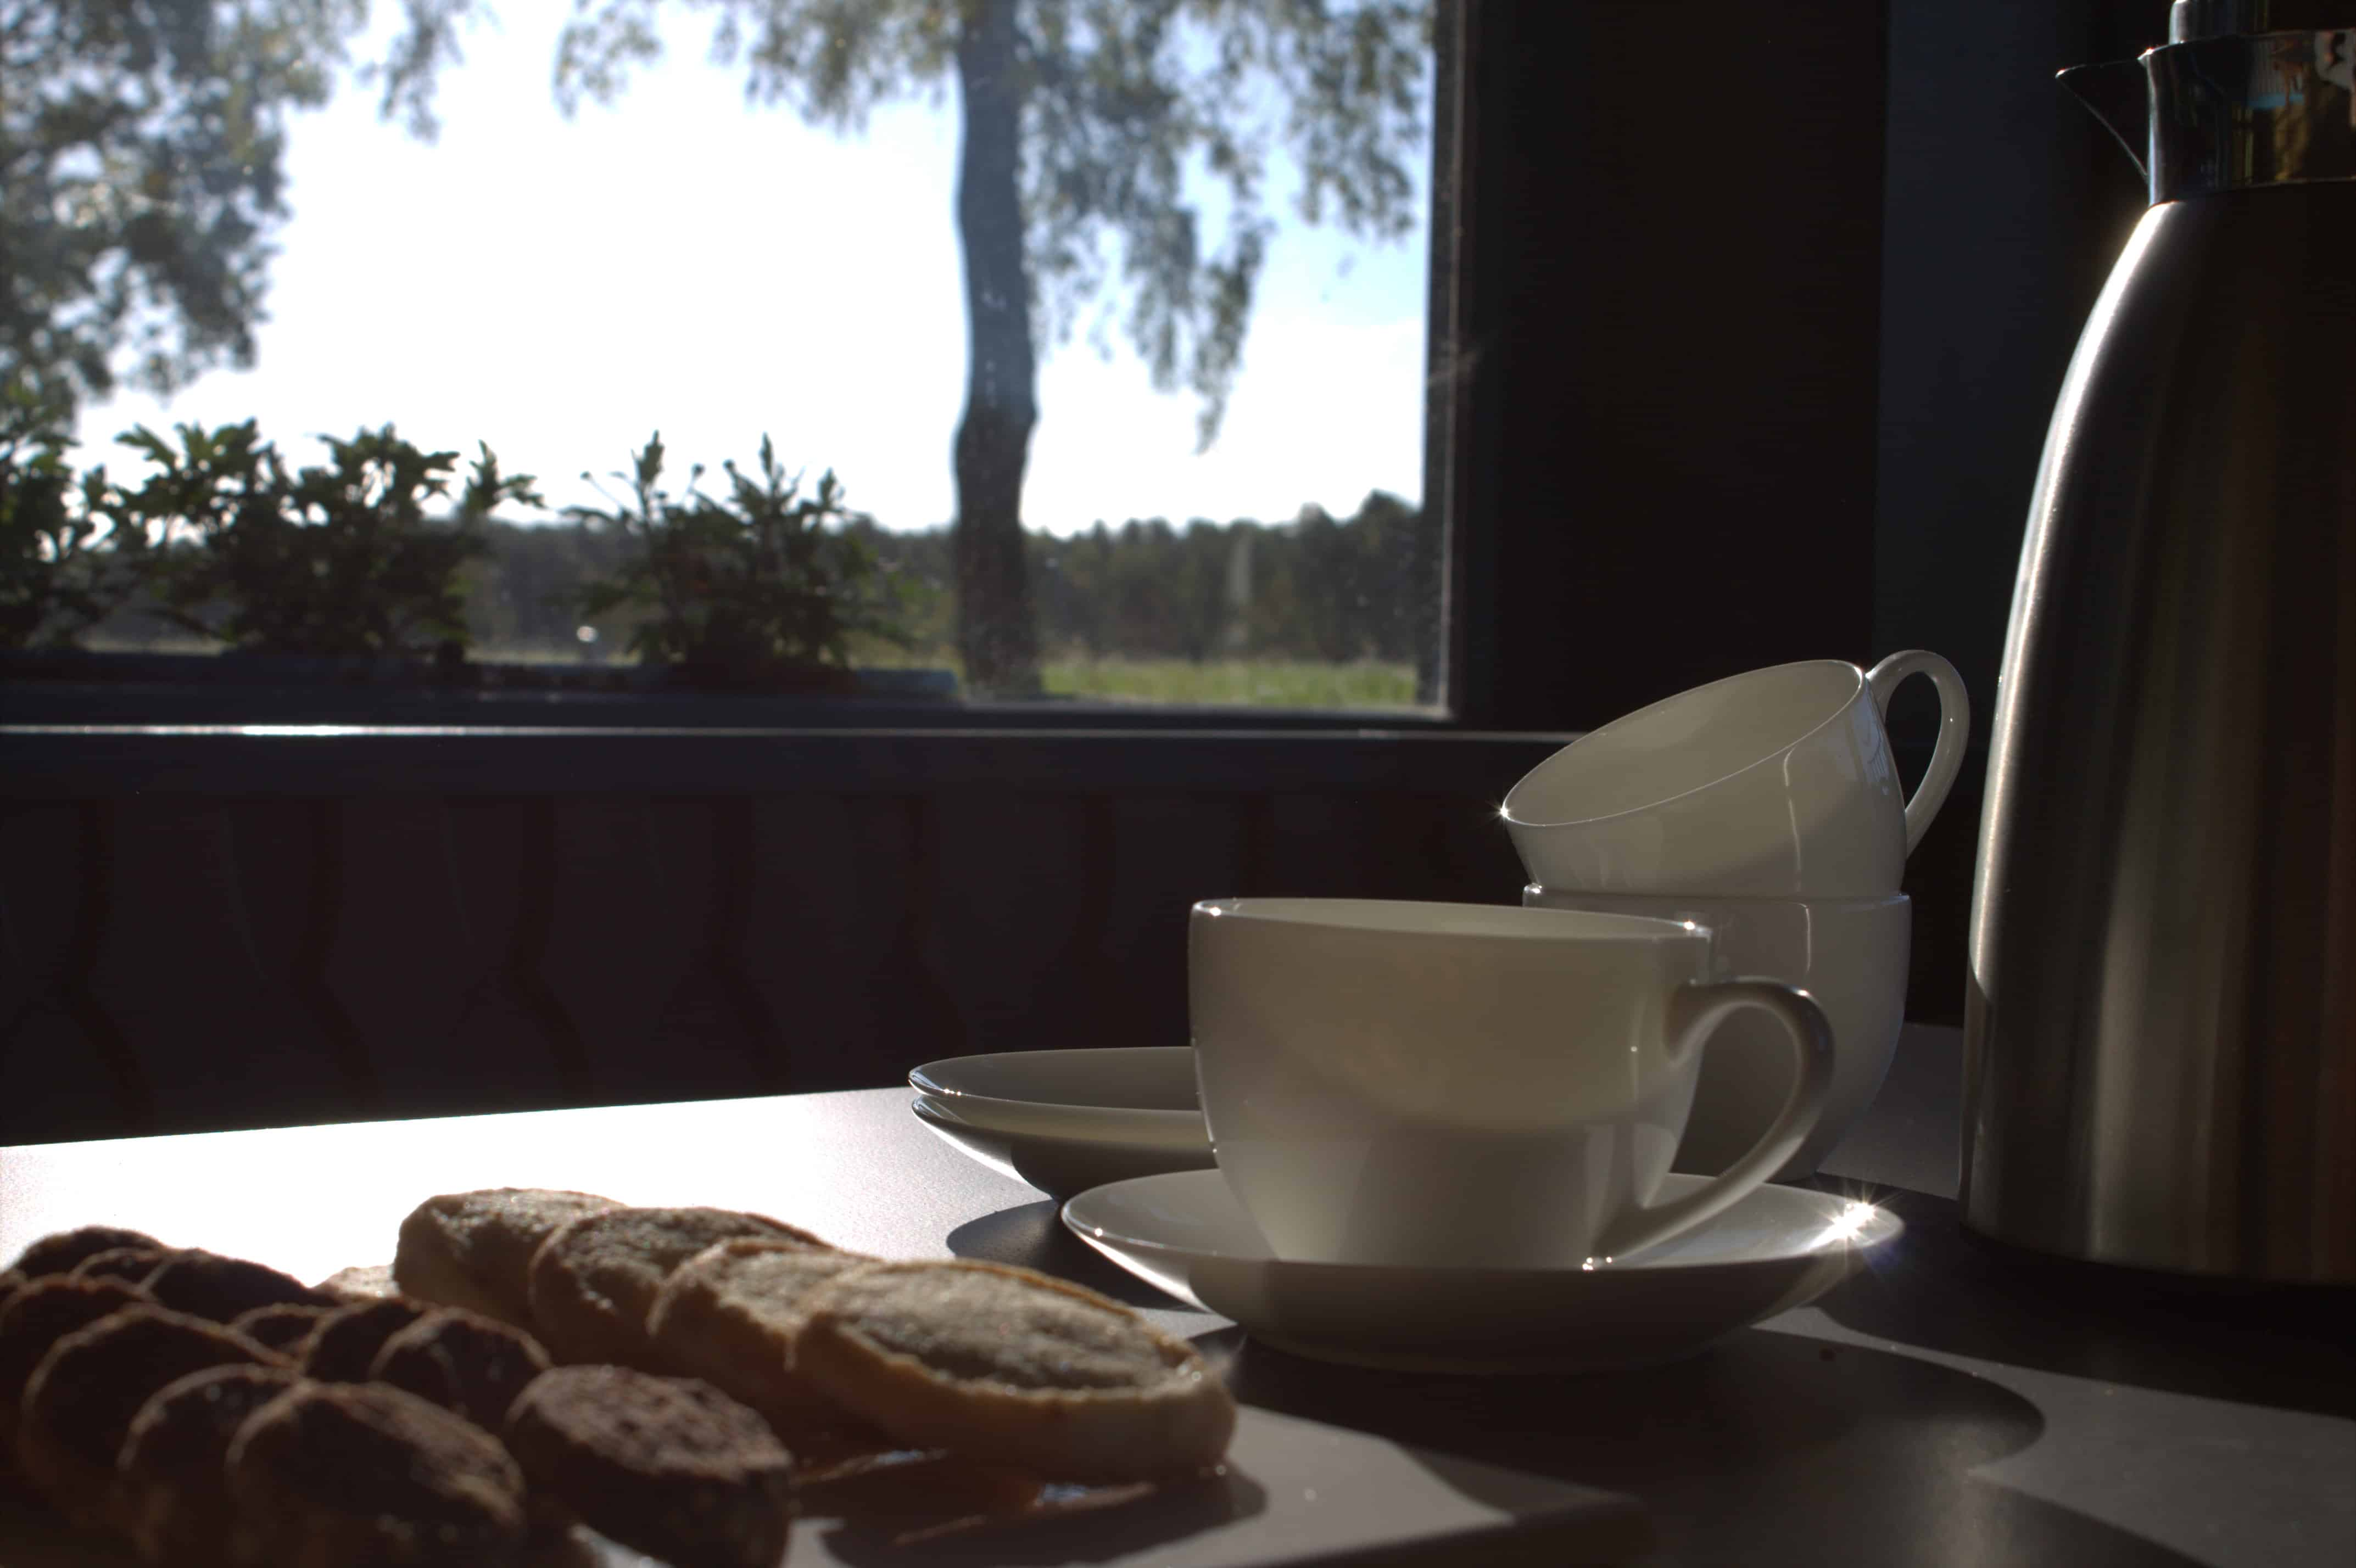 Seemoorhof-Seminare - Pausenverpflegung: Gebäck und Säfte aus eigener Herstellung